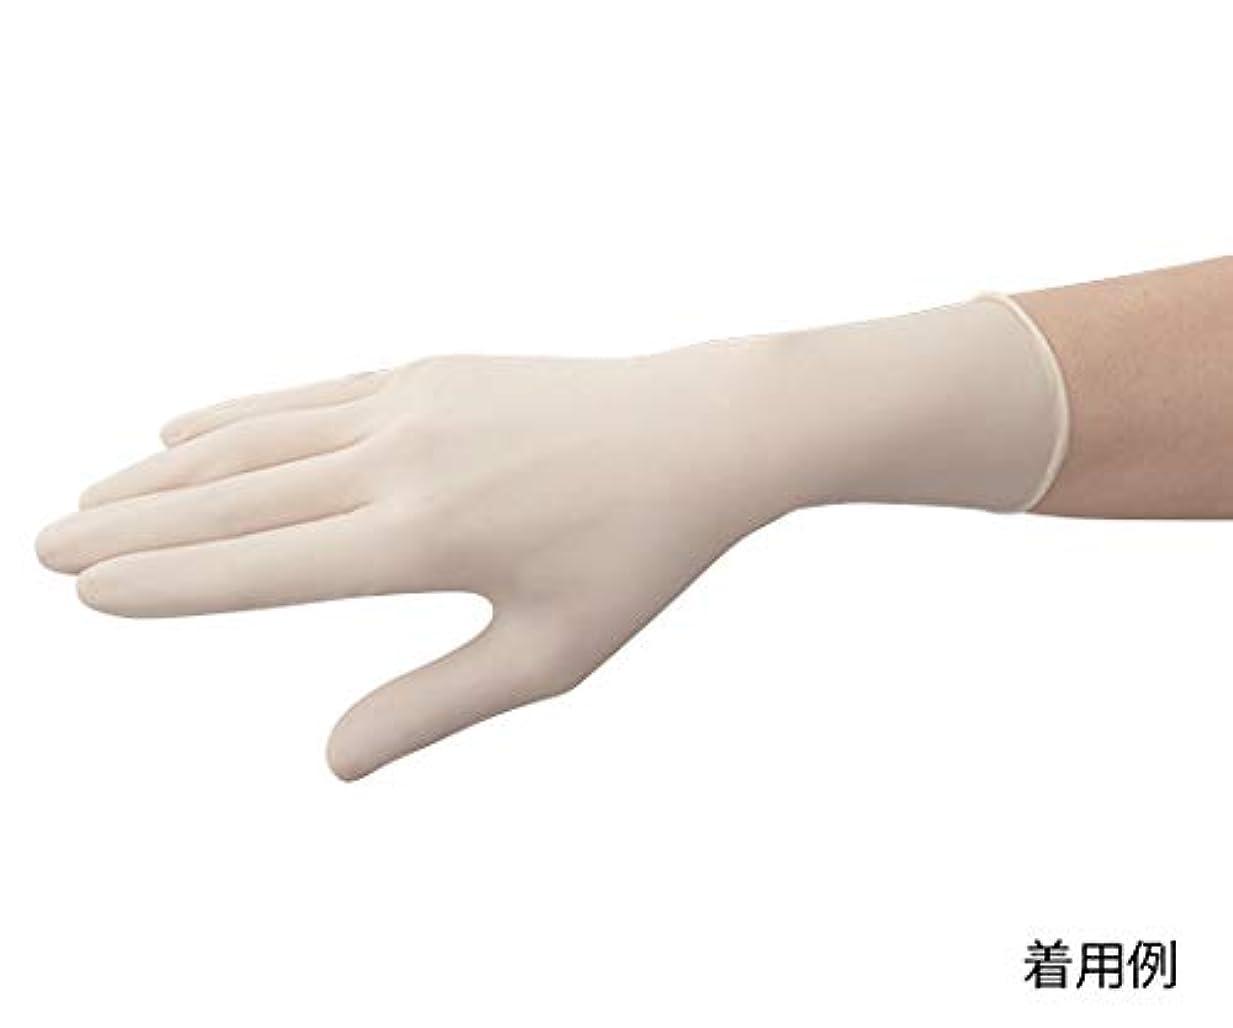 形成知覚的編集者東レ?メディカル 手術用手袋メディグリップ パウダーフリー50双 8165MG